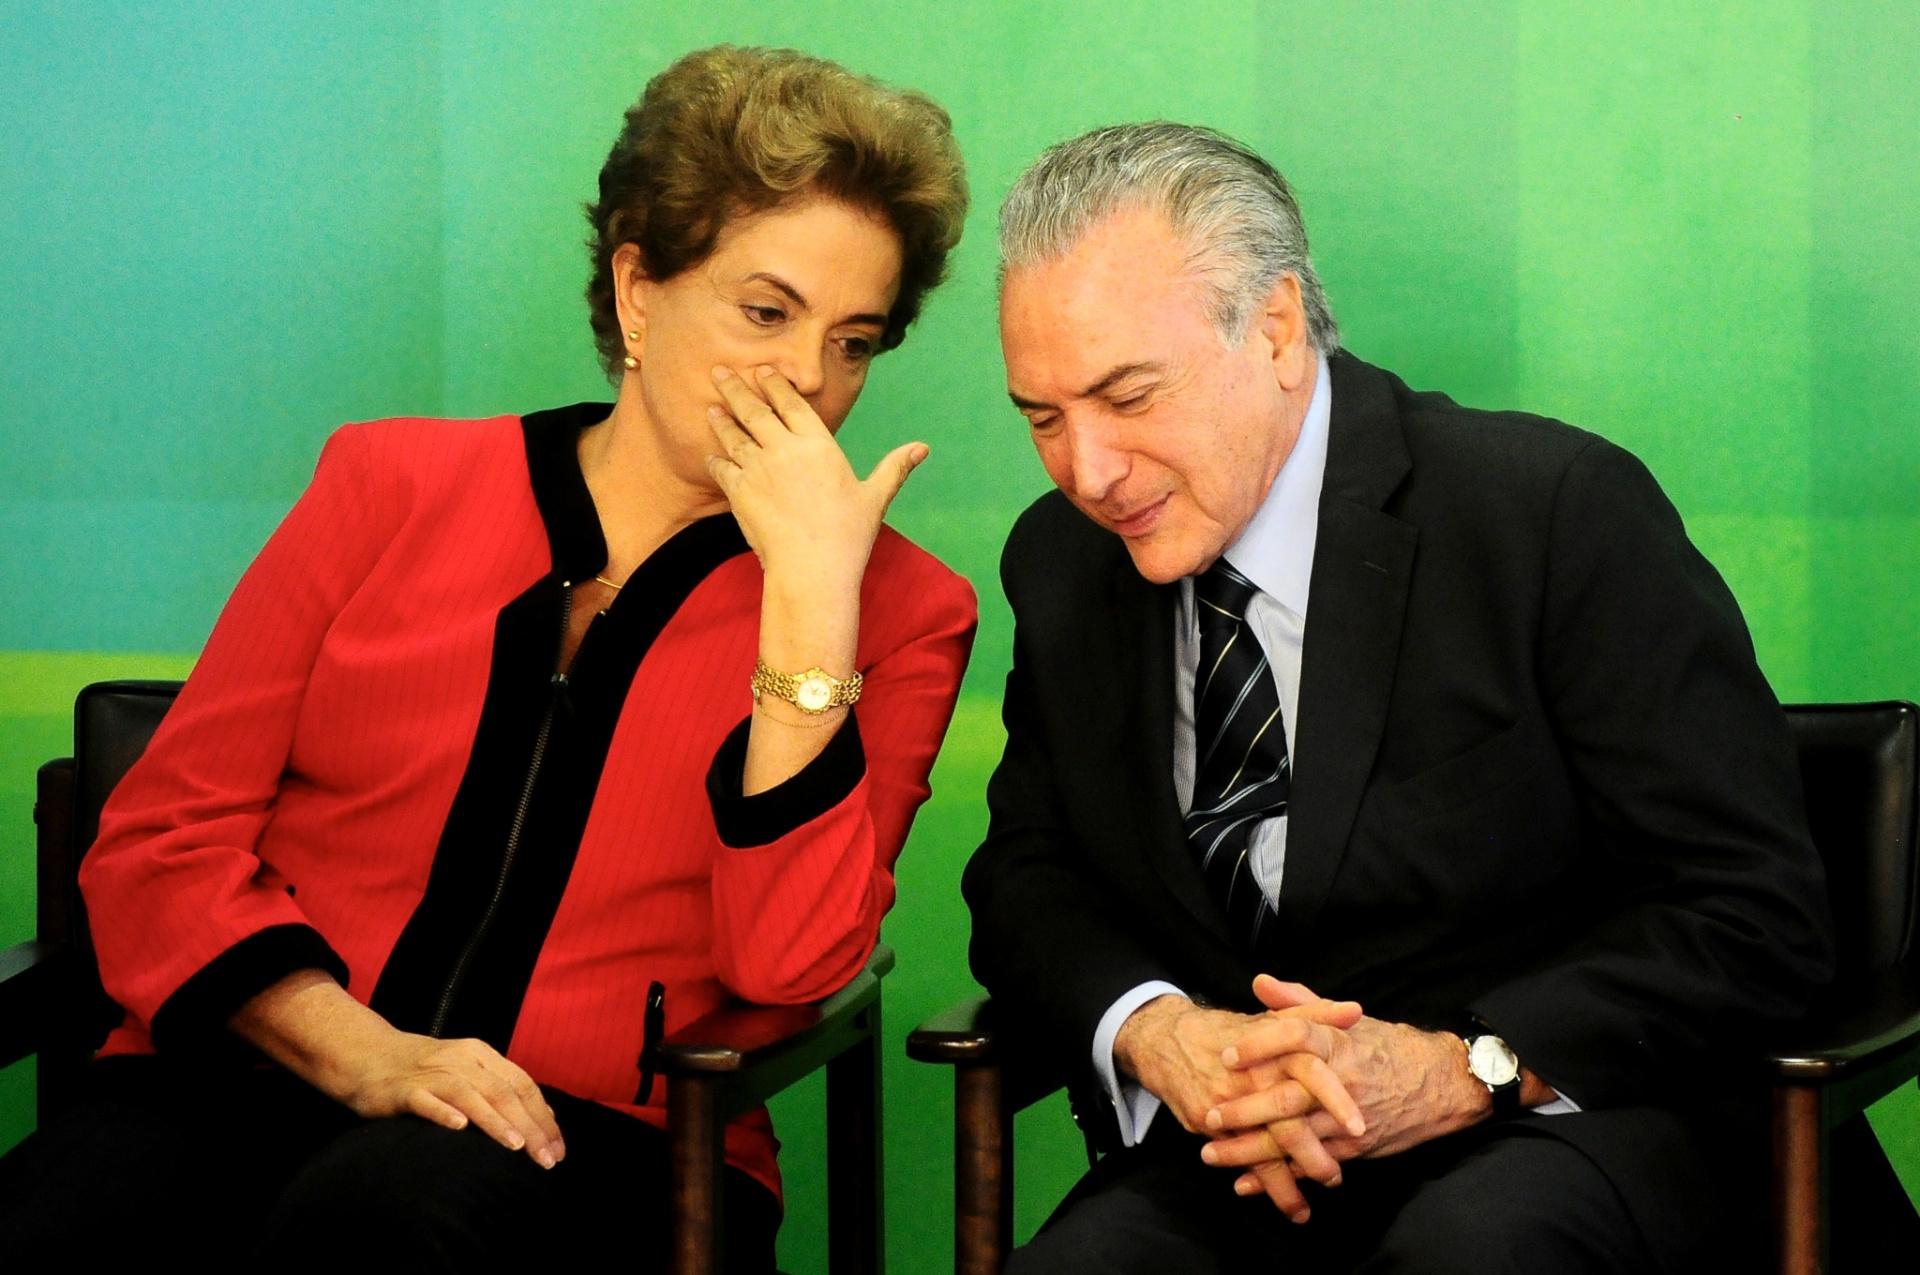 2.mar.2016 - A presidente Dilma Rousseff conversa com o seu vice, Michel Temer, durante solenidade de assinatura do acordo de compensações com a empresa Samarco devido ao acidente de Mariana (MG) no Palácio do Planalto, em Brasília